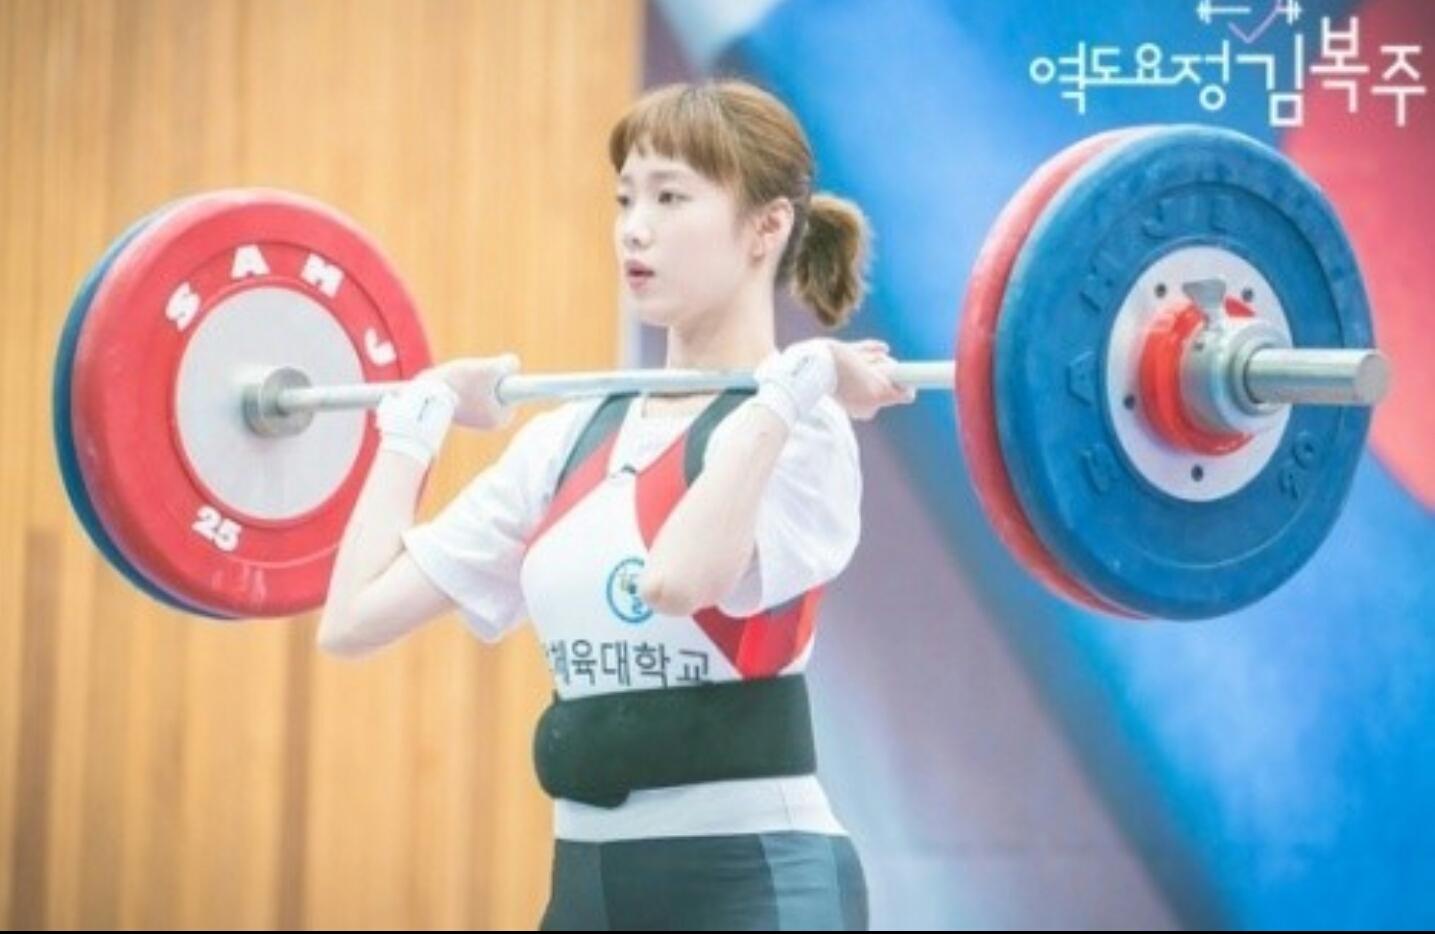 '역도요정 김복주', 청춘의 성장통을 따듯하게 ..